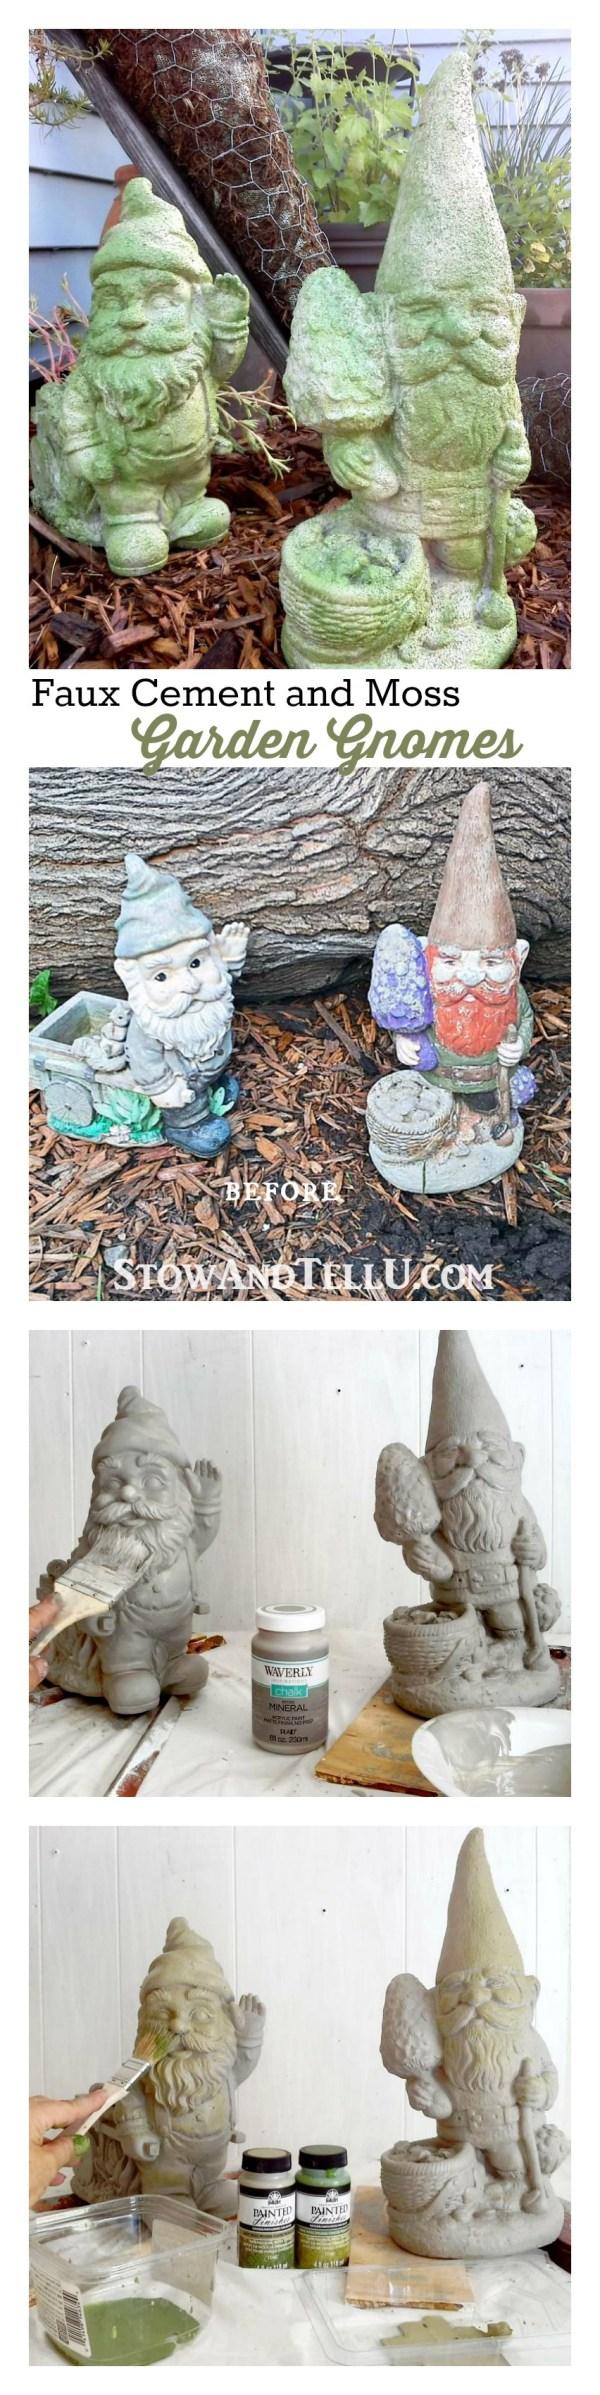 faux cement chalk paint technique - fake moss paint garden gnomes - StowAndTellU.com